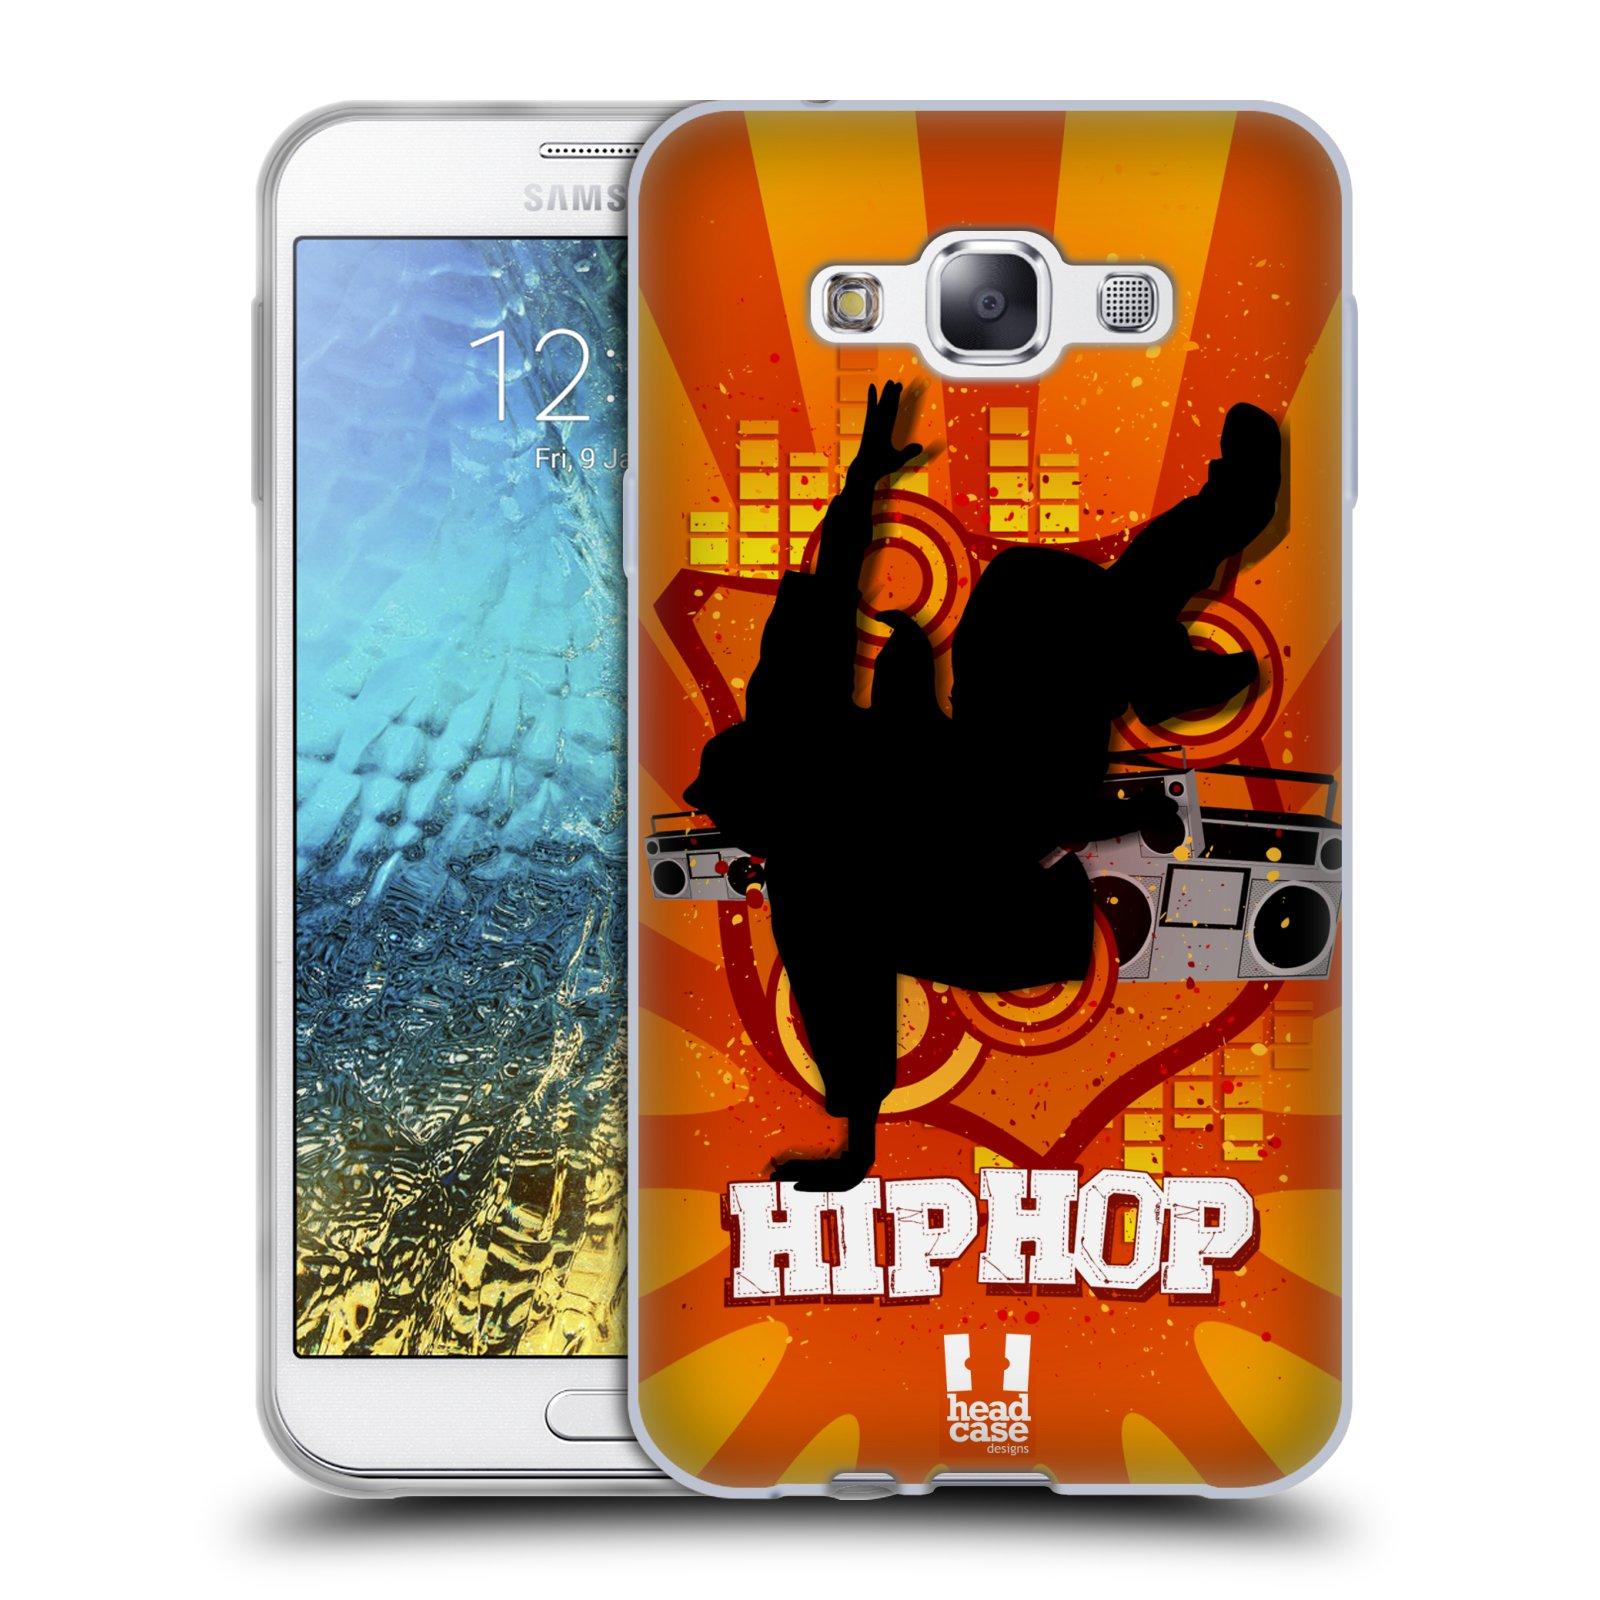 HEAD CASE silikonový obal na mobil Samsung Galaxy E7 vzor TANEC SILUETA HIP HOP